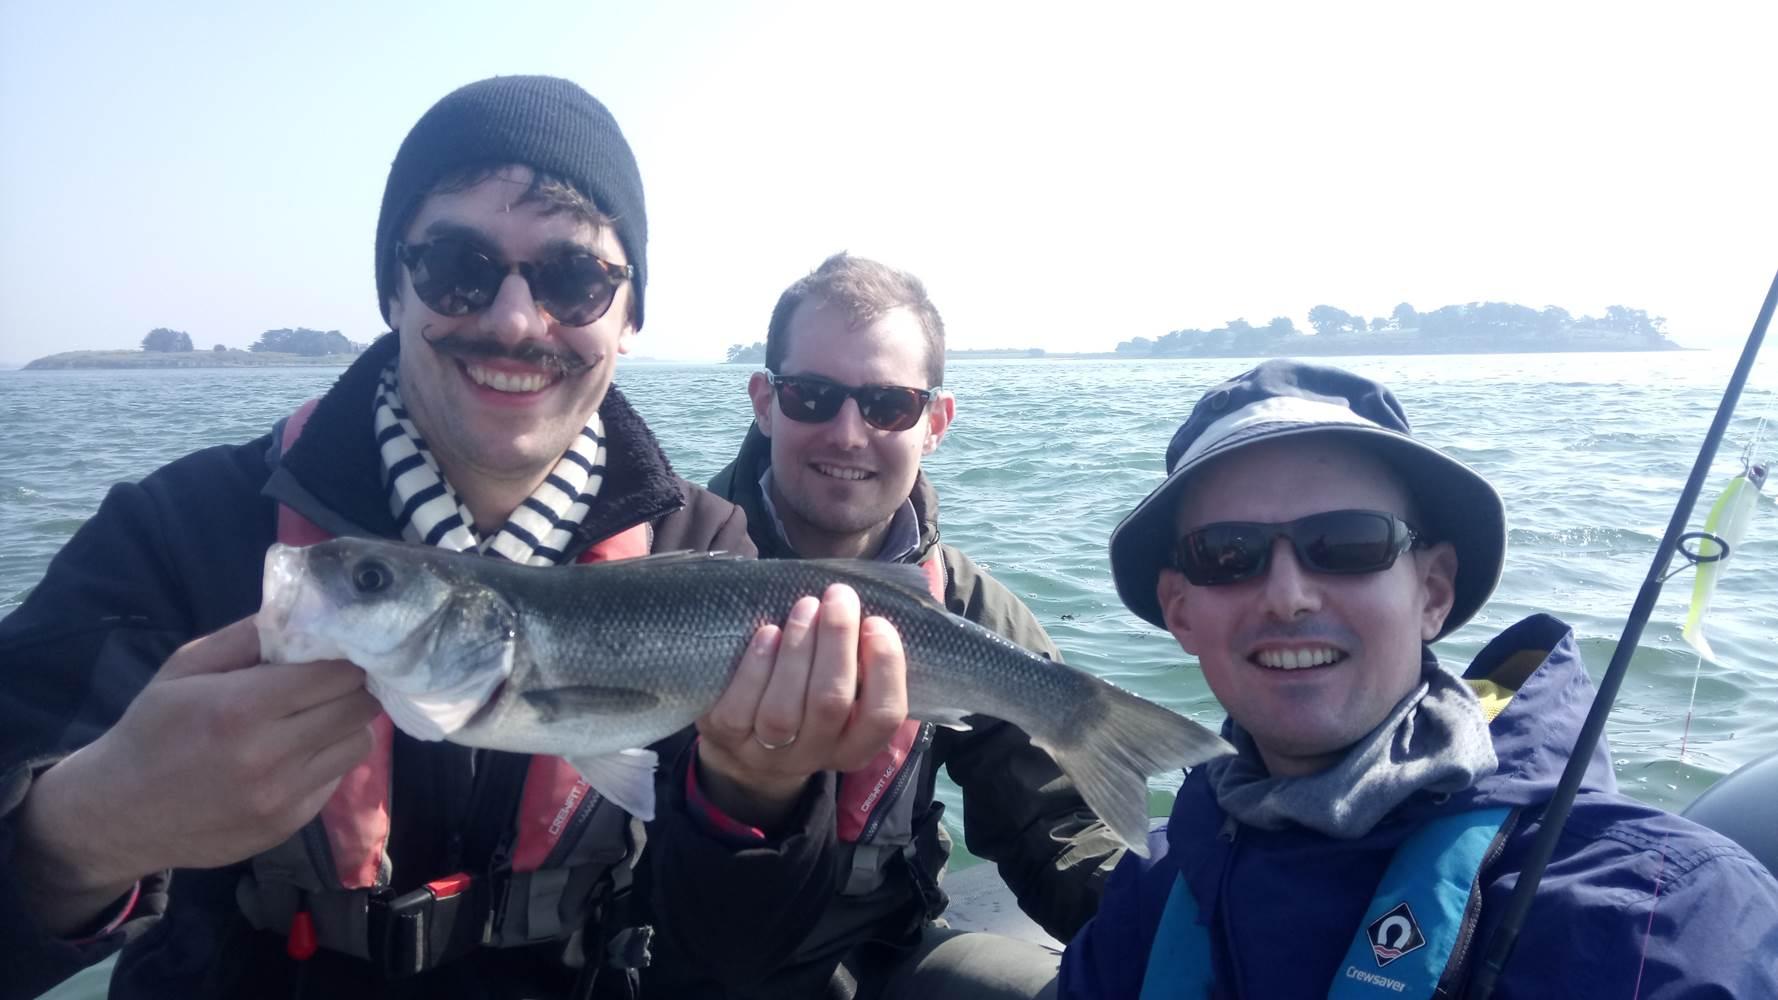 Une sortie avec un Guide de pêche dans le Golf du Morbihan réussie ! N'es-ce pas messieurs ? ©